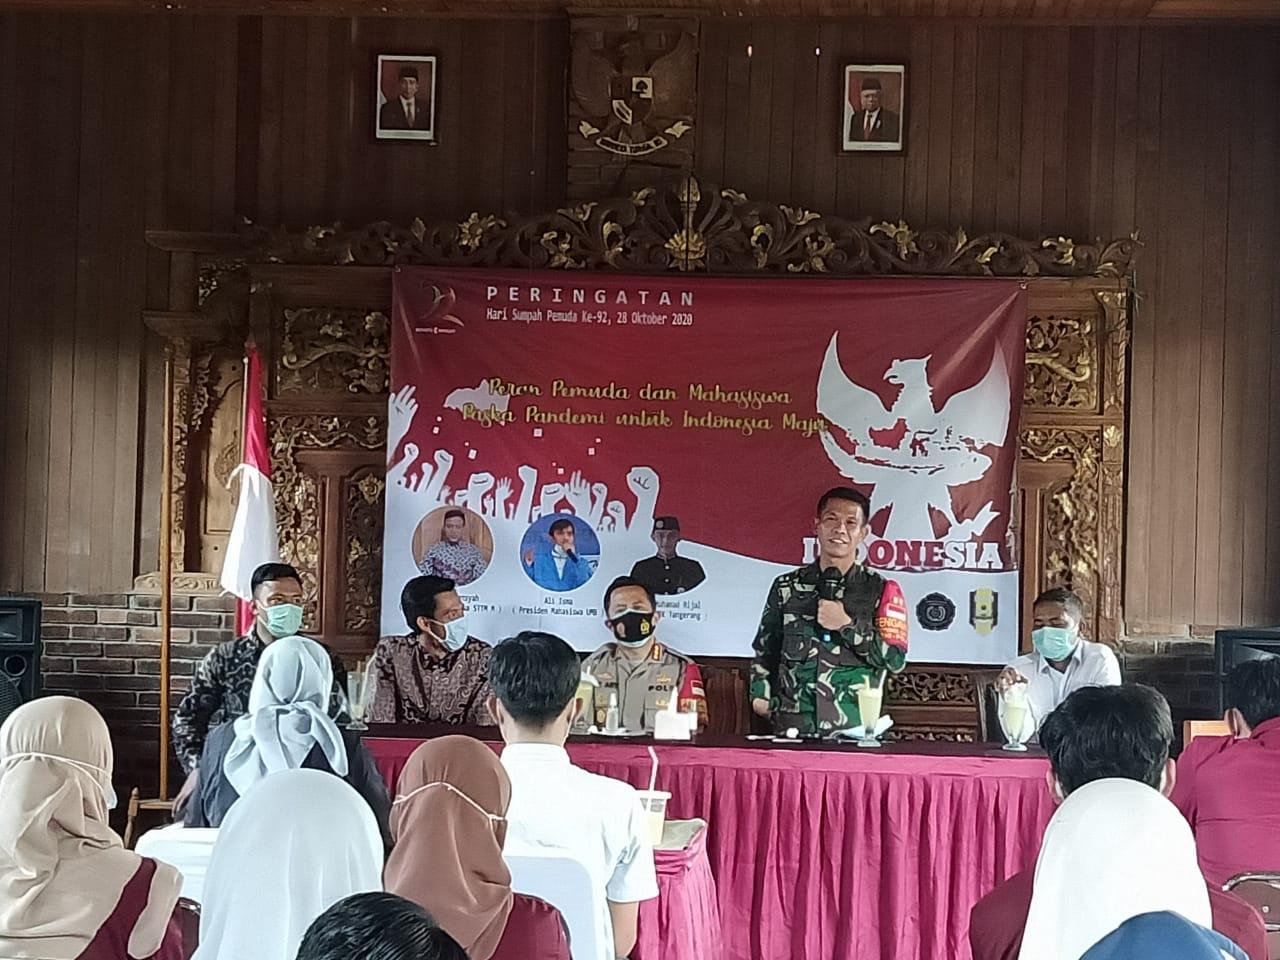 Dandim 0510/Trs bersama 3 Pilar Kabupaten Tangerang Ajak Mahasiswa Perangi Covid 19